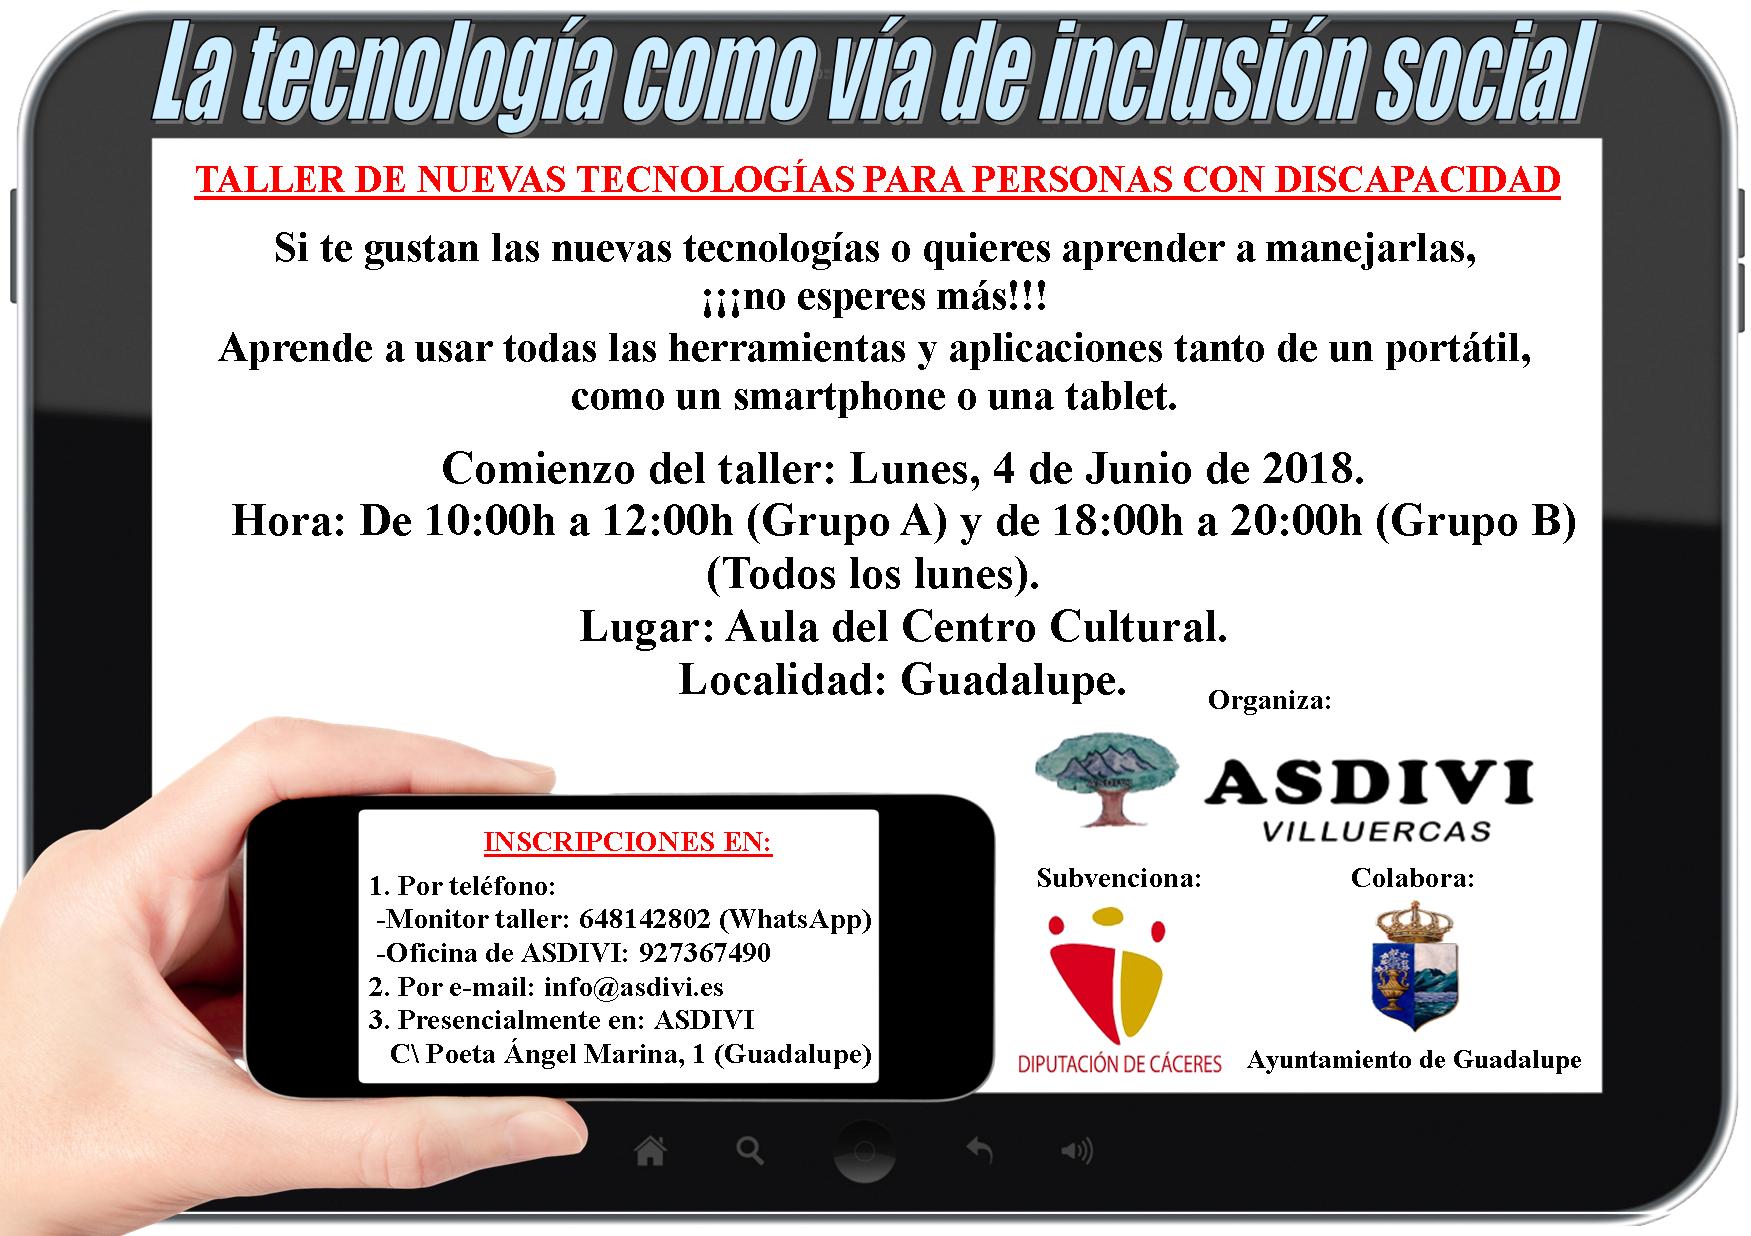 Taller de nuevas tecnologías para personas con discapacidad 2018 - Guadalupe